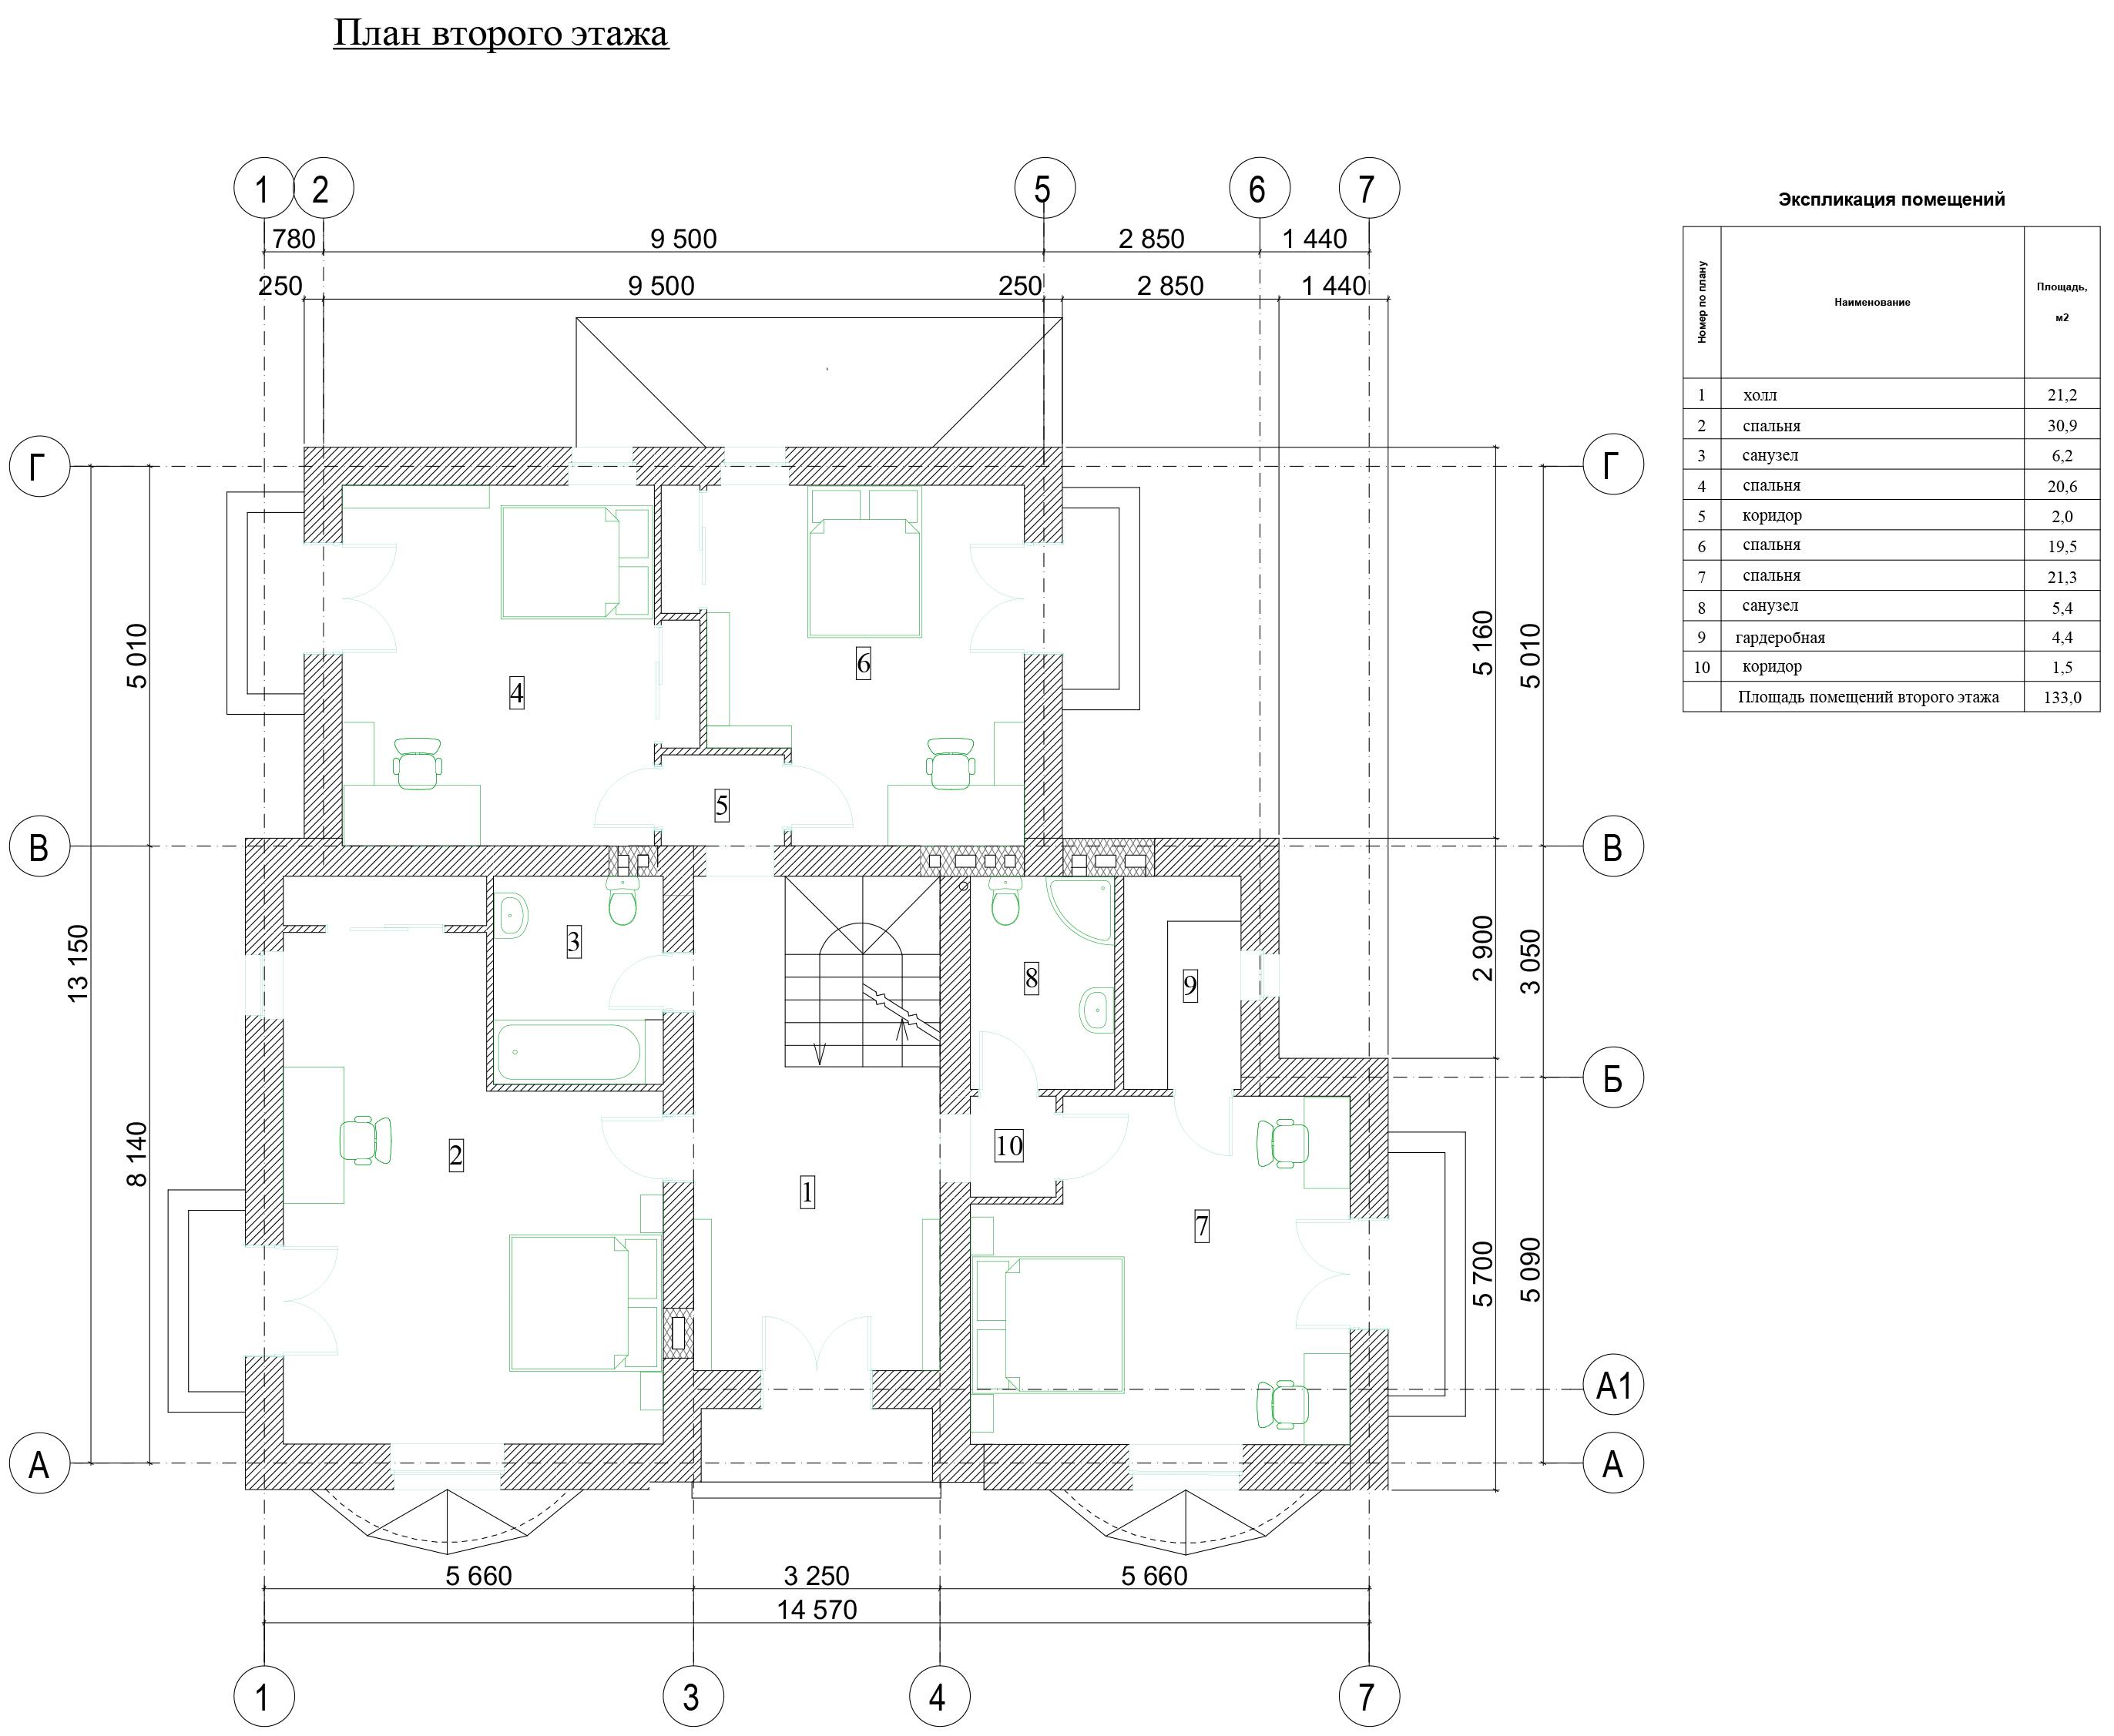 Планировка дома 2 этаж